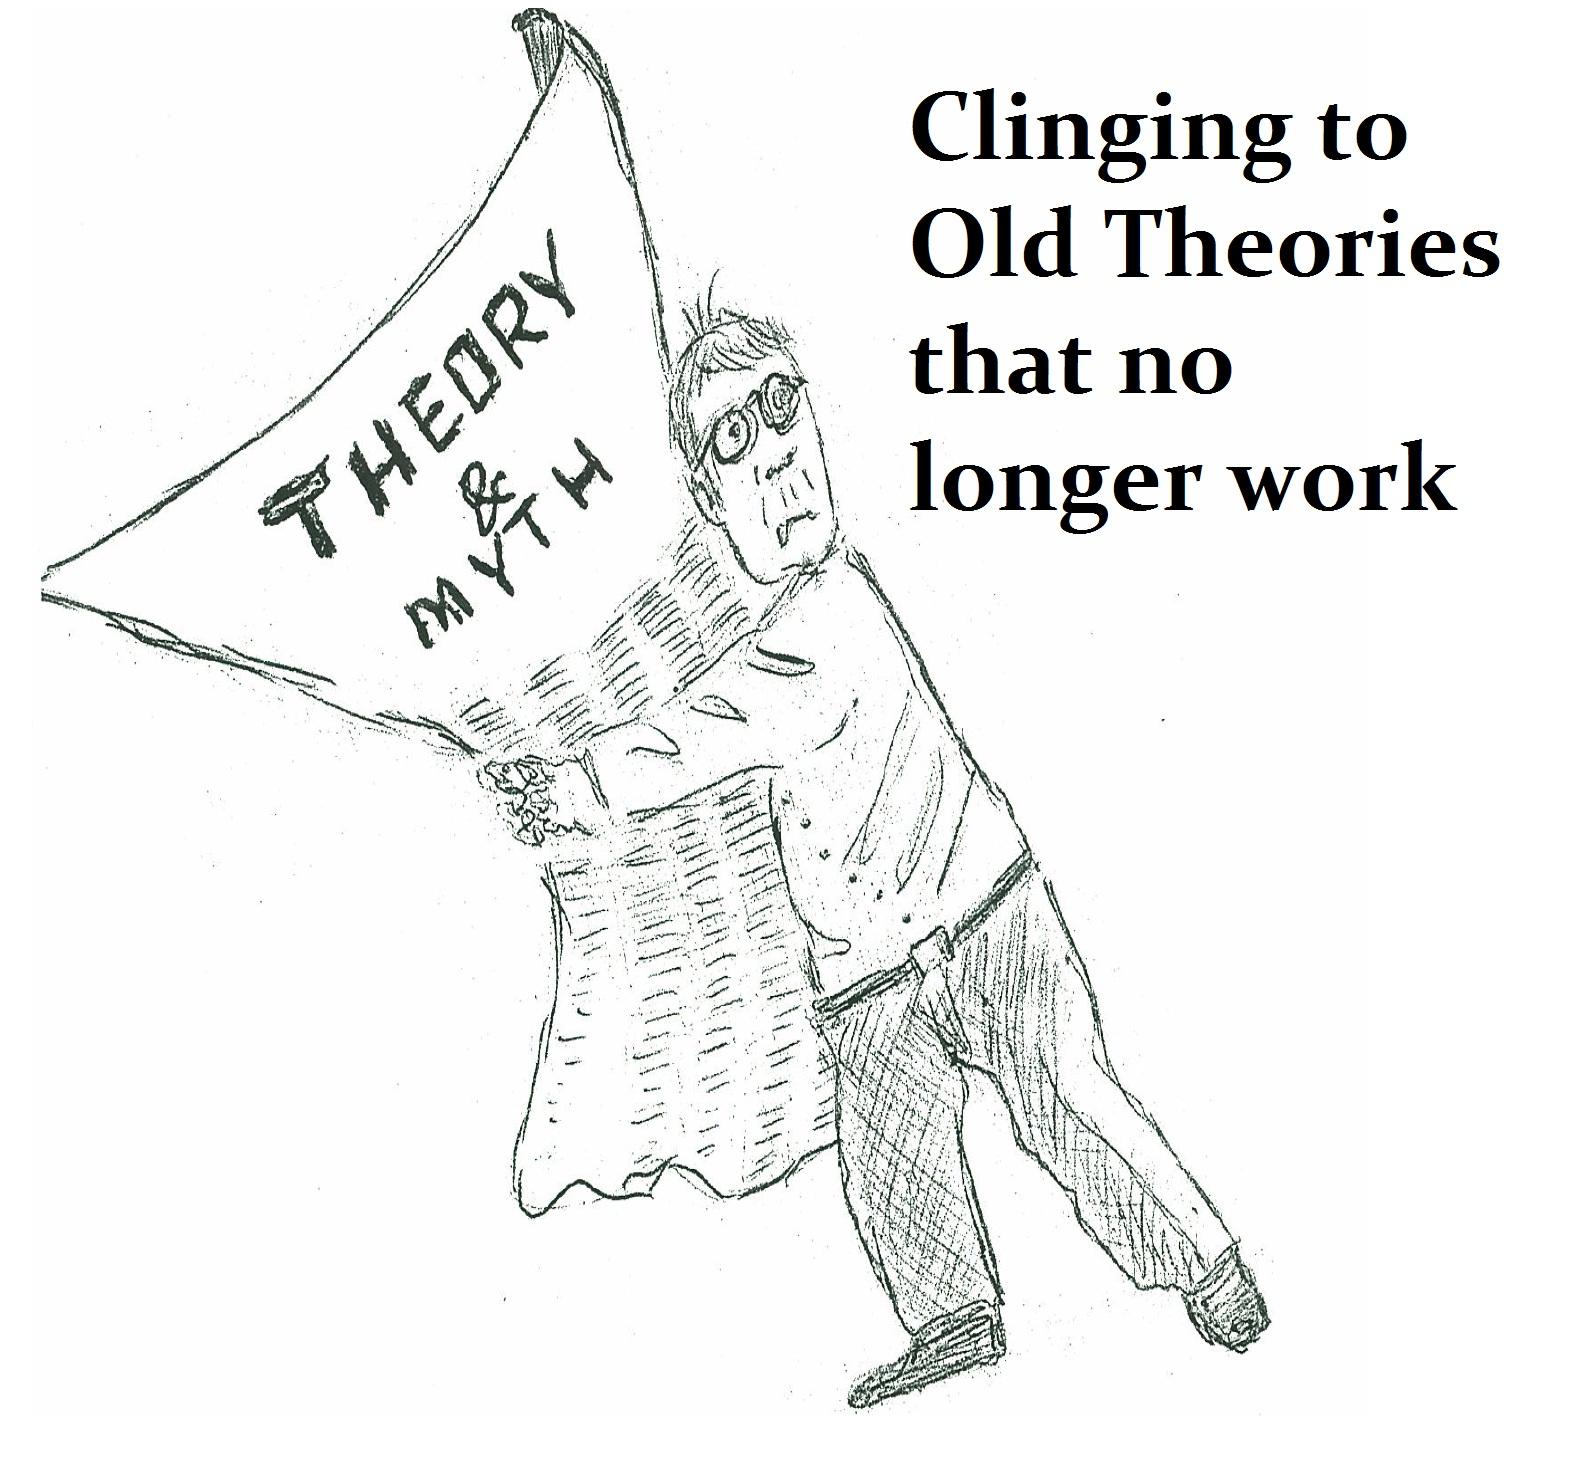 OldTheories